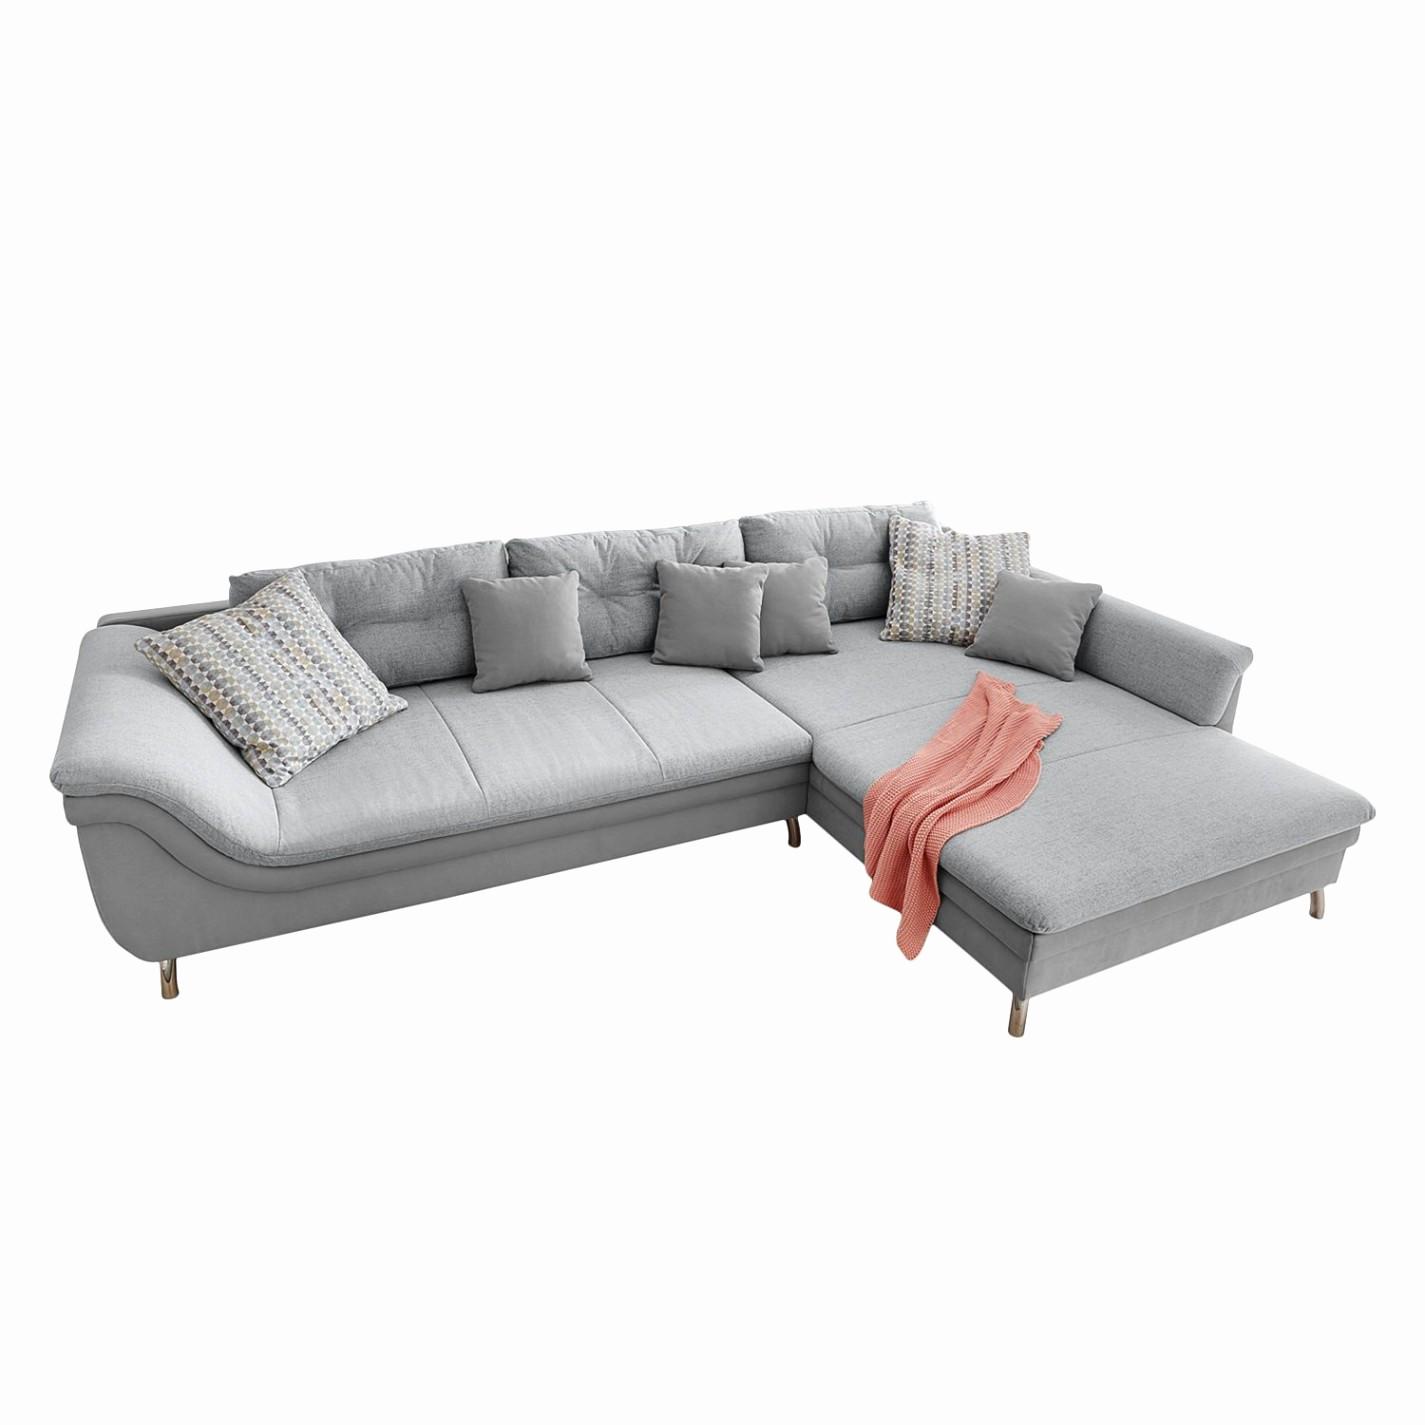 Sofa Reinigen  Microfaser Couch Reinigen Affordable Sofa Mit Natron